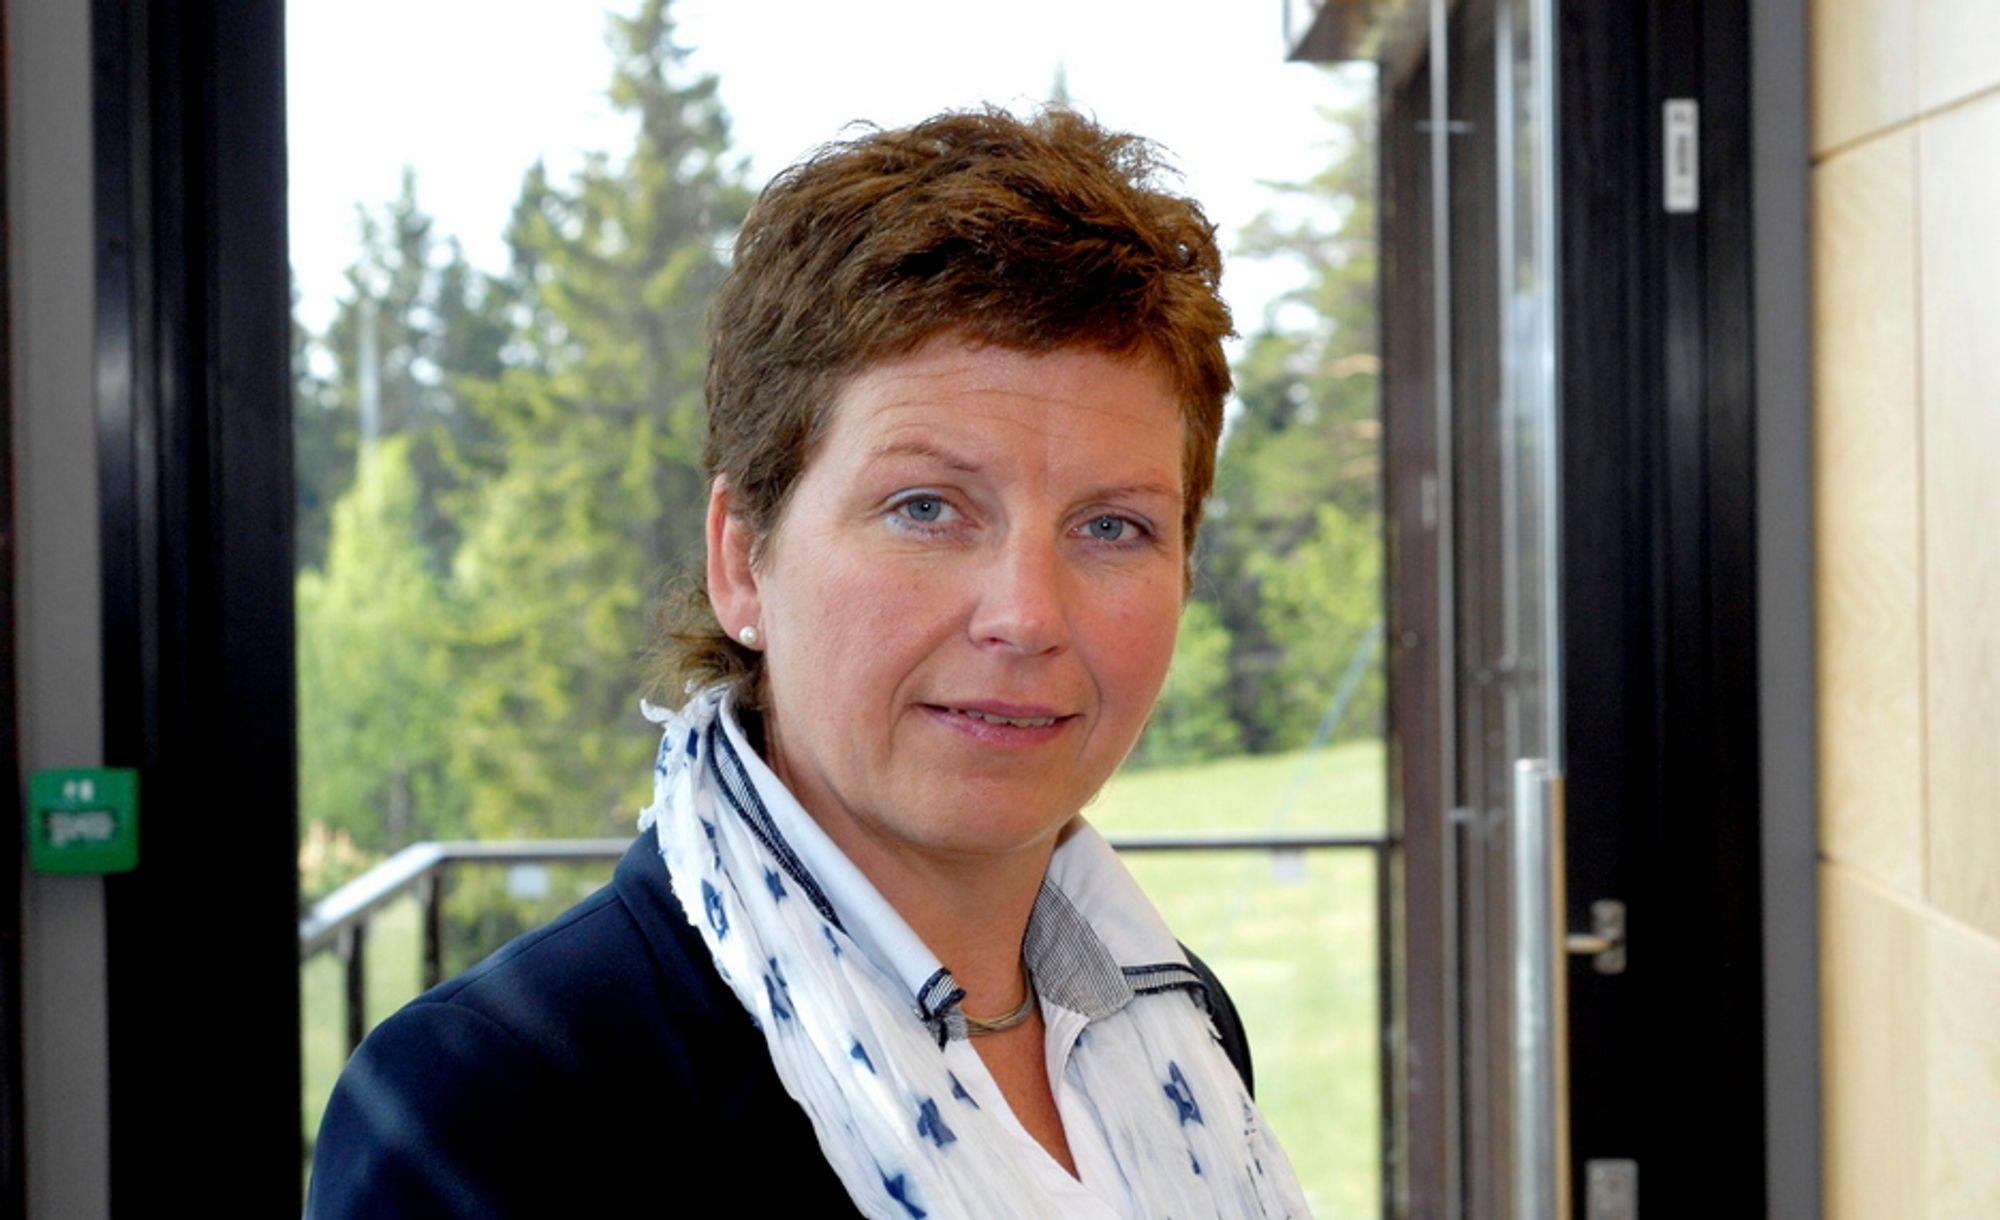 DISTRIKTSPOLITIKK: Distriktspolitiske hensyn tilsier at deler av Nord-Norge må få slippe elsertifikater, mener statssekretær Eli Blakstad (Sp) i Olje- og energidepartementet.